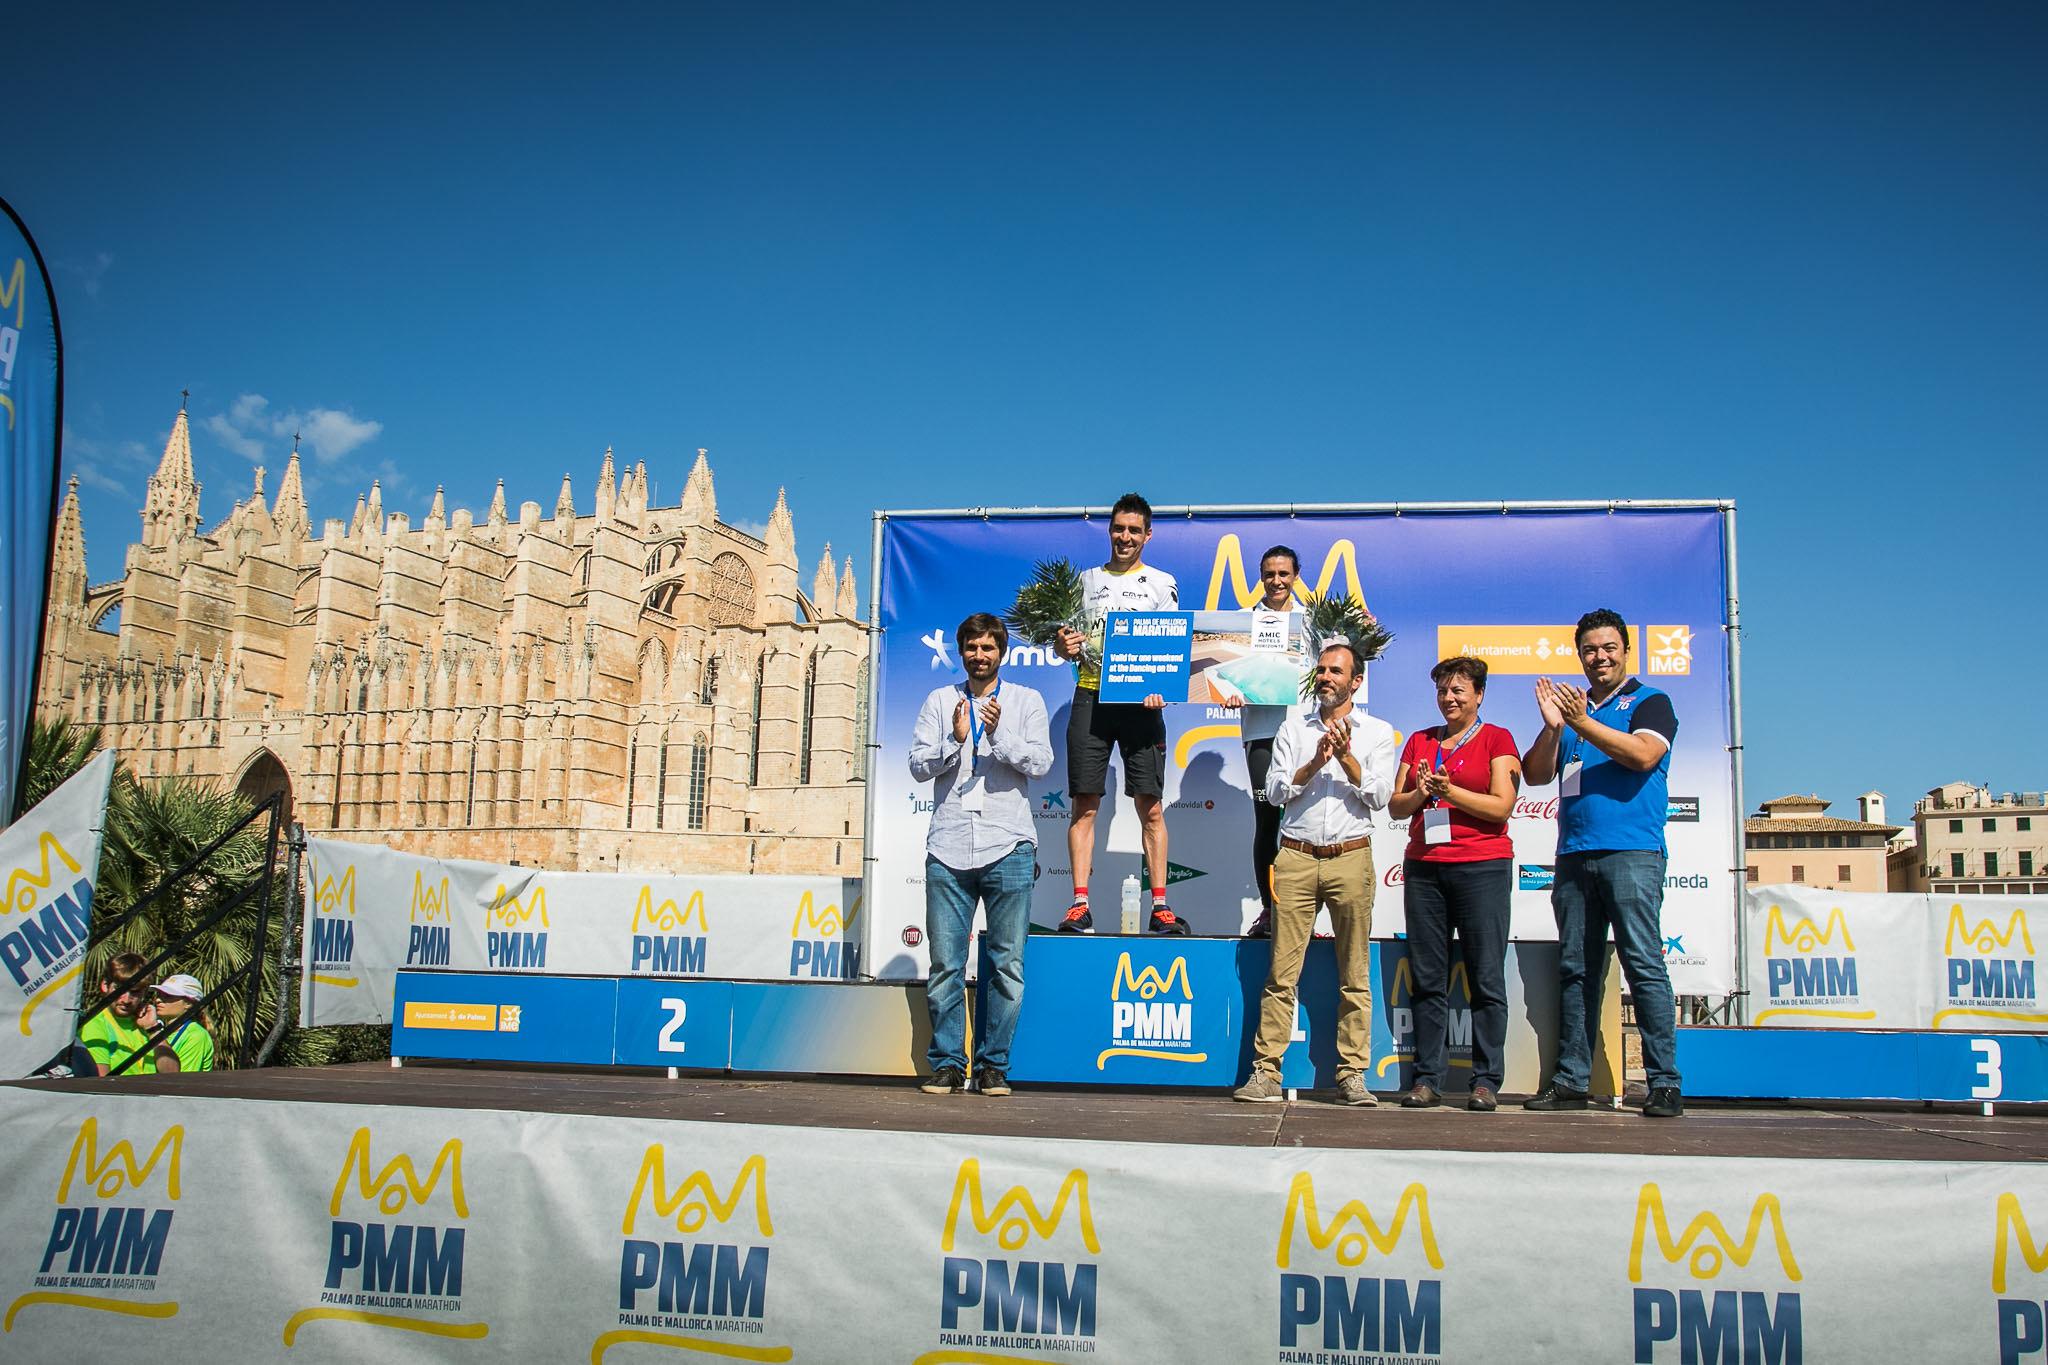 Palma de Mallorca Marathon 2015